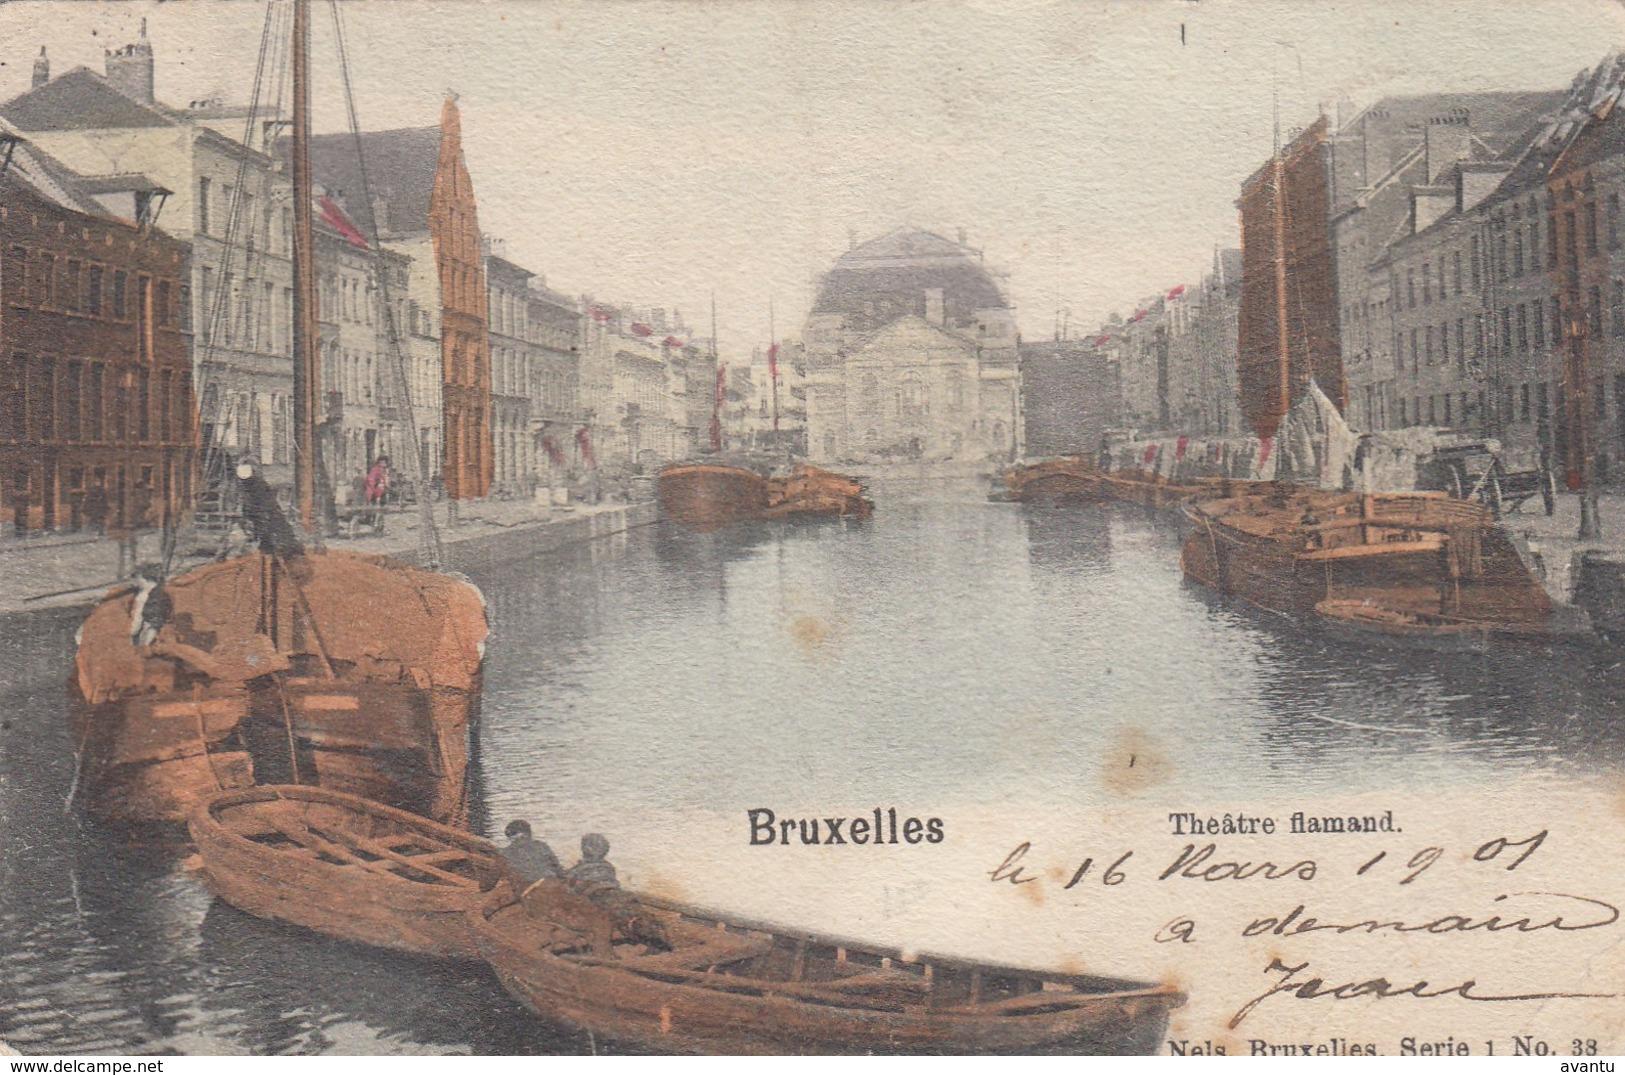 BRUXELLES / BRUSSEL / QUAI AU FOIN / FAUTE DE DESCRIPTION THEATRE FLAMAND DRUKFOUT   1901 - Maritiem